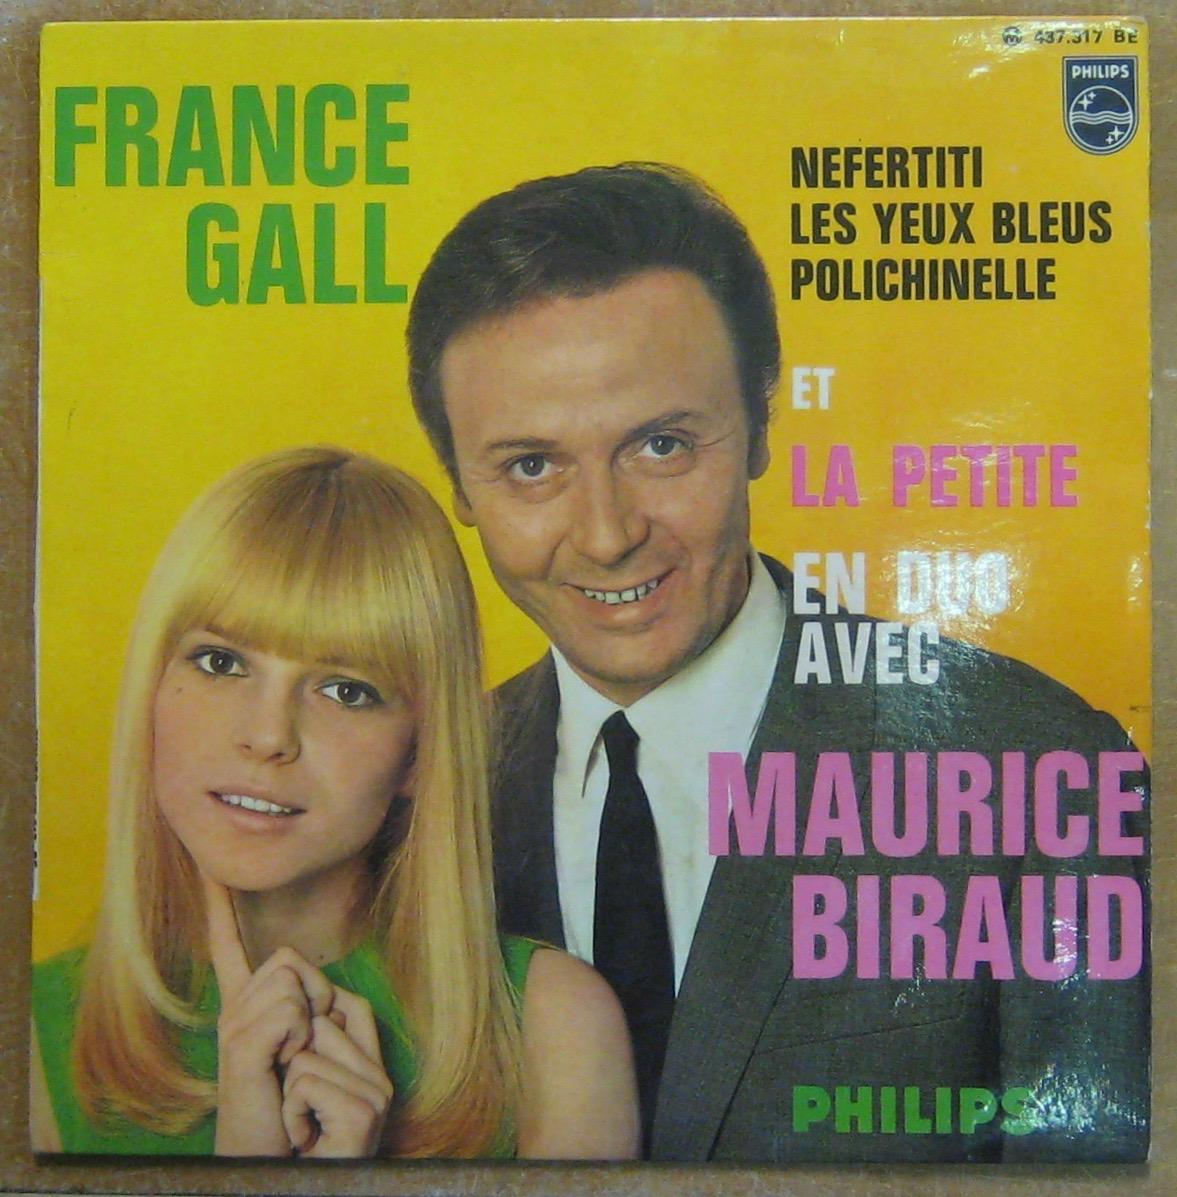 GALL FRANCE - Nefertiti - 45T (EP 4 titres)